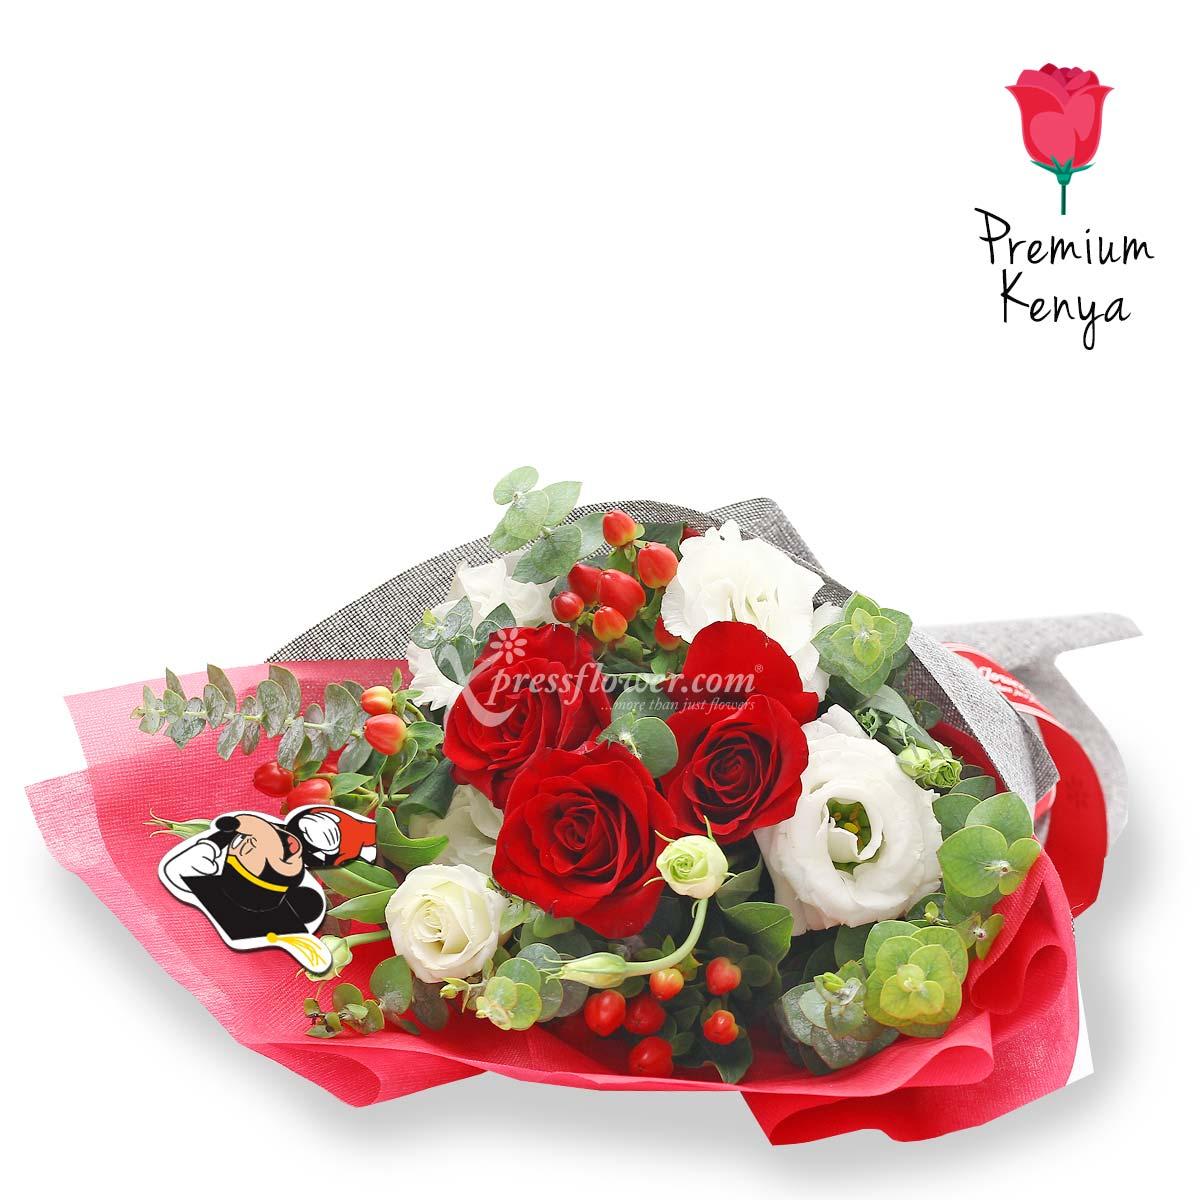 DSBQ1902 No Limits Disney bouquet